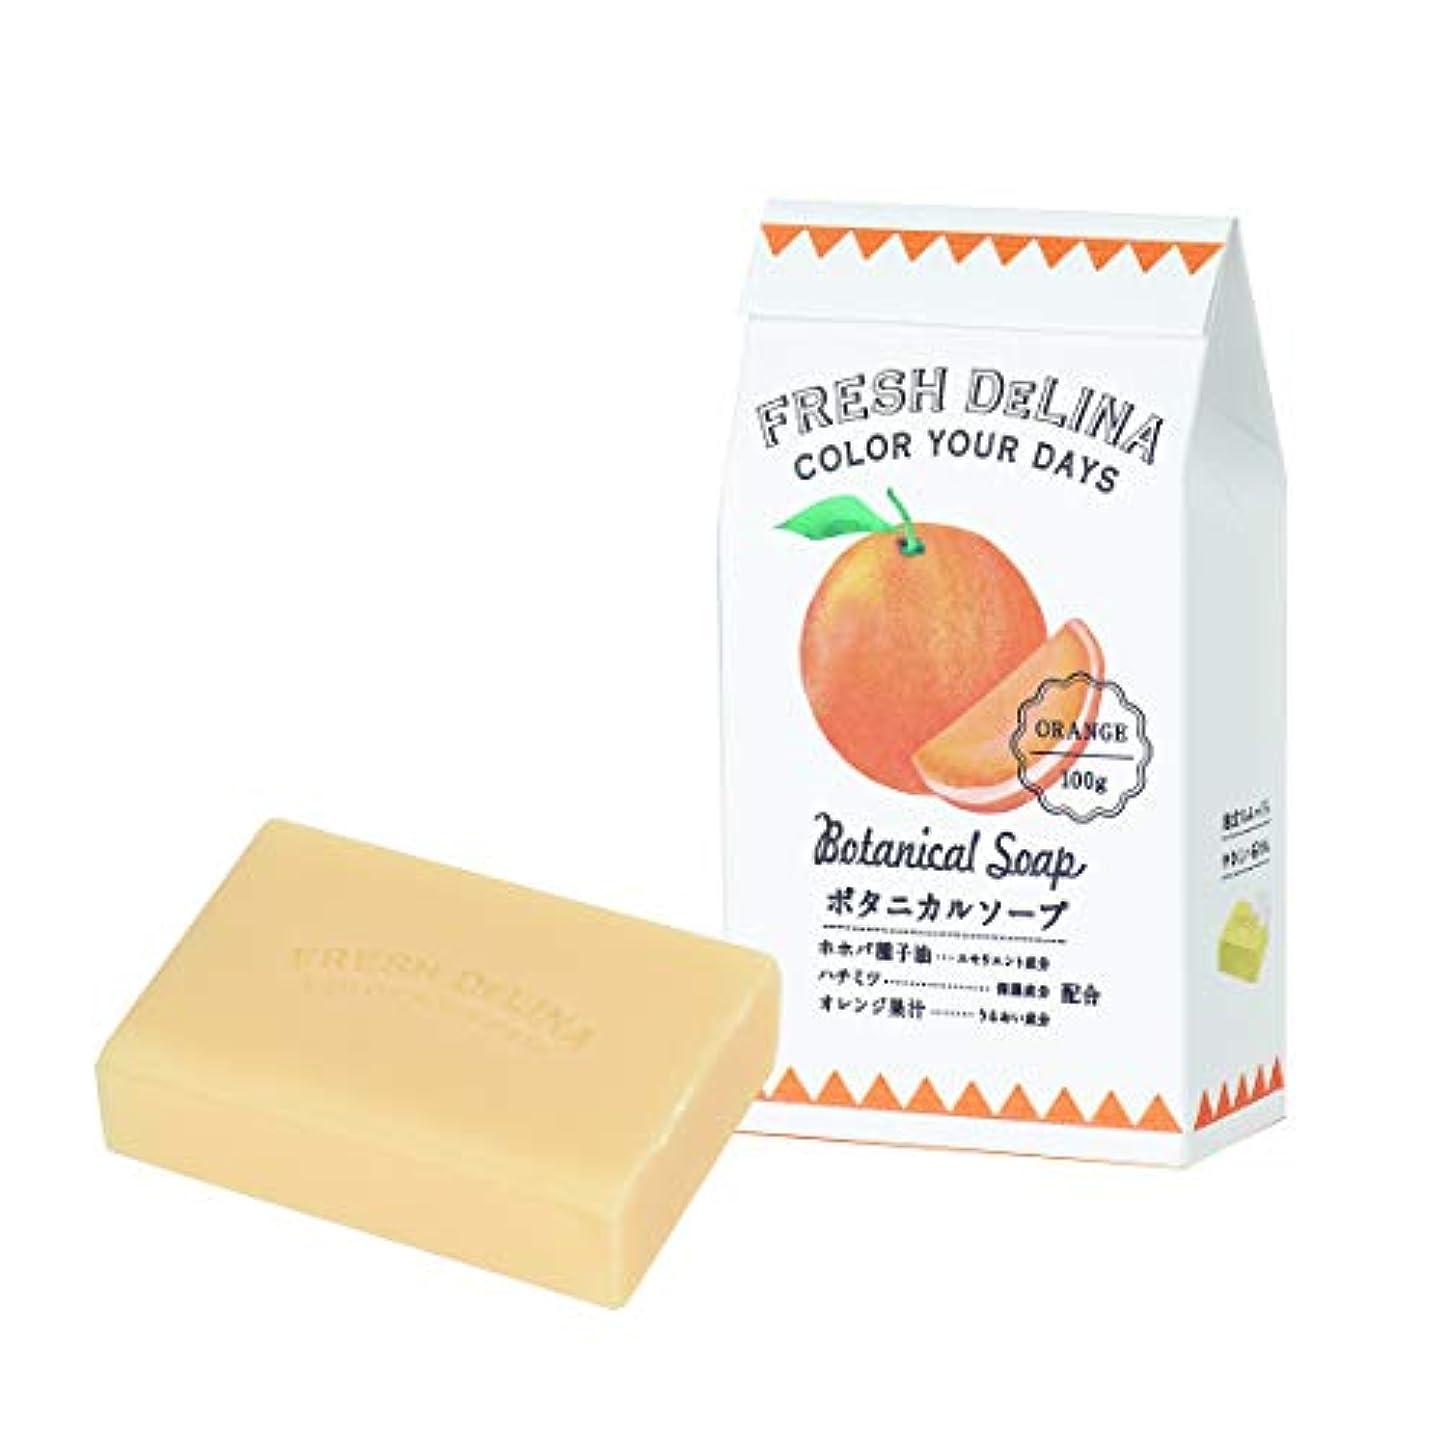 軽食無意味スーツフレッシュデリーナ ボタニカルソープ オレンジ 100g